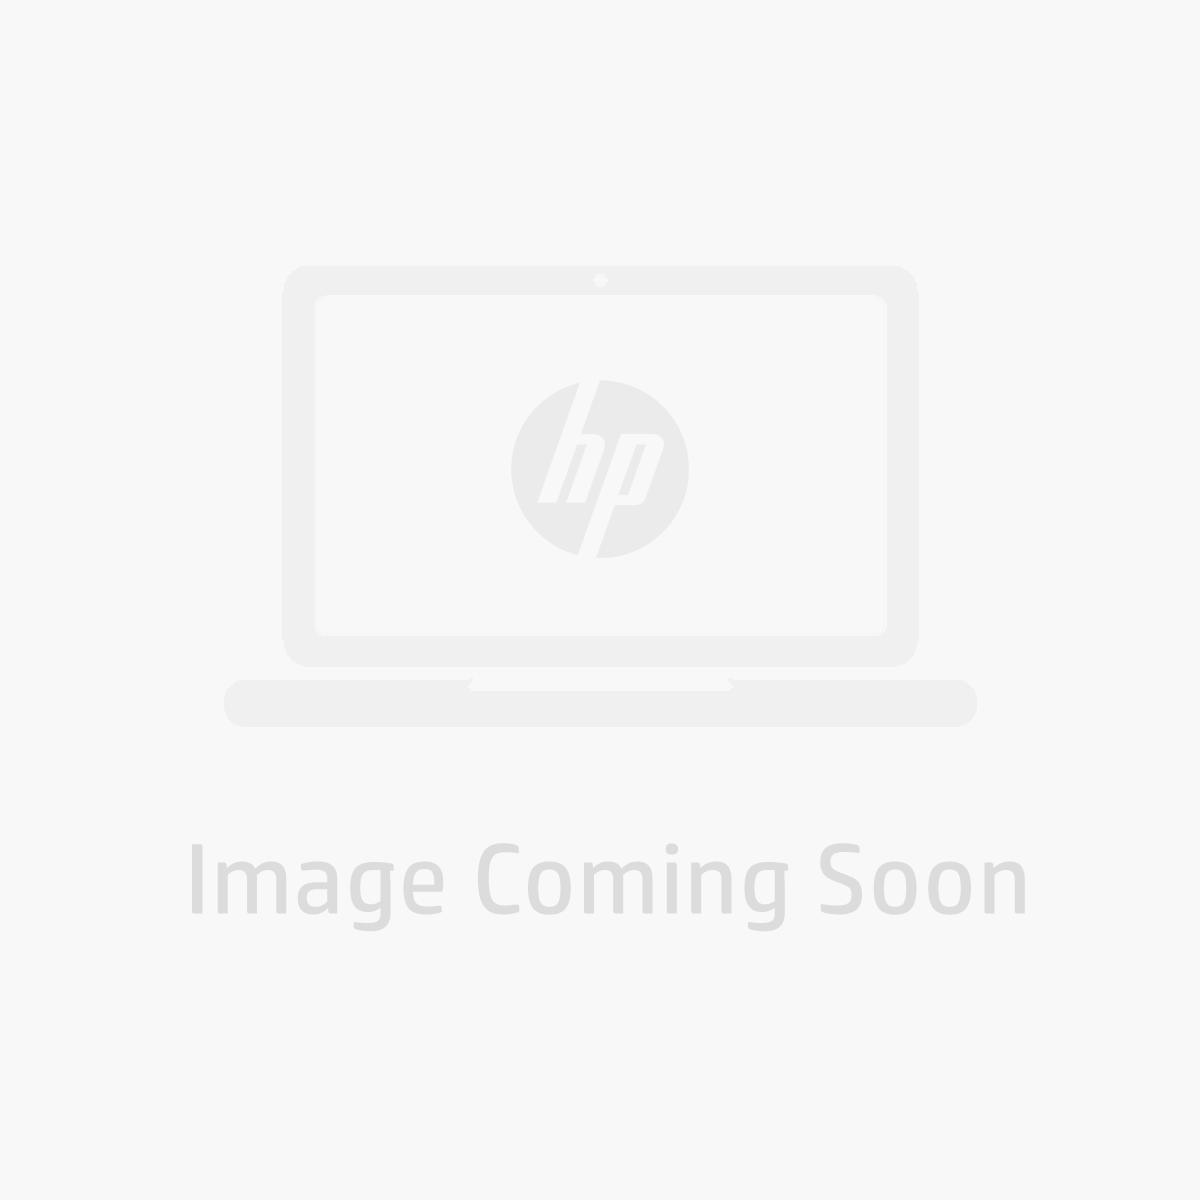 HP 260 Desktop i3-7130U in Black